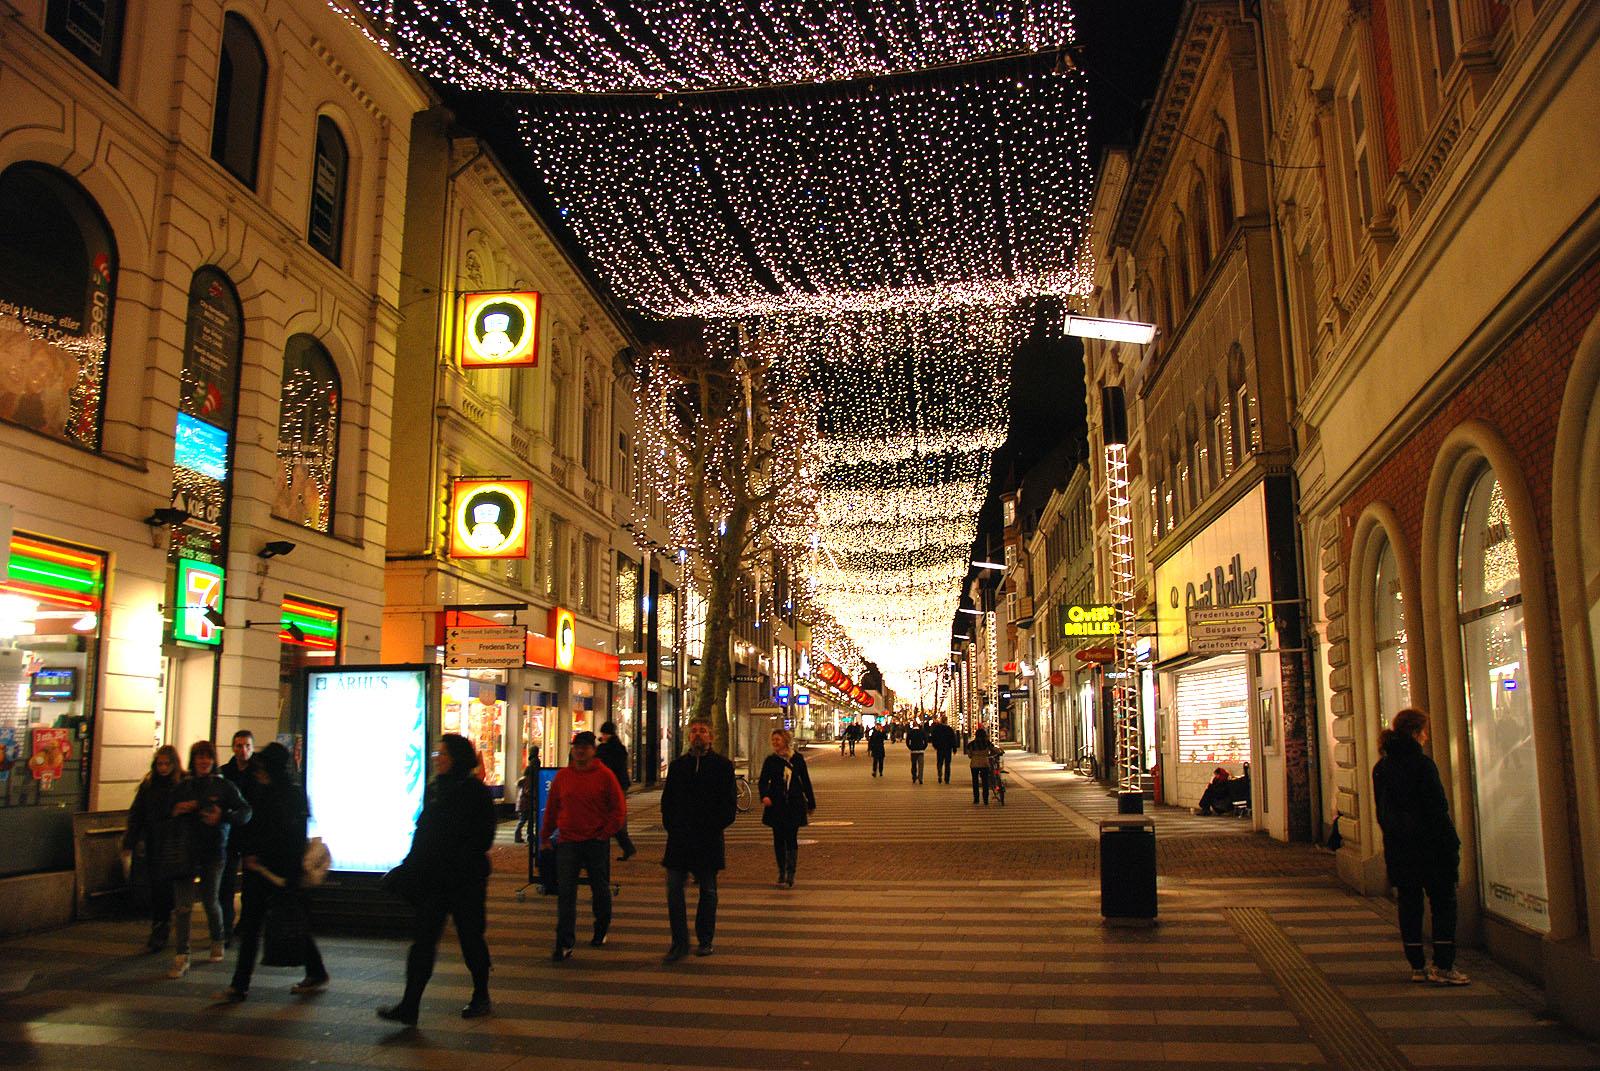 Рождественское освещение улиц Орхуса.